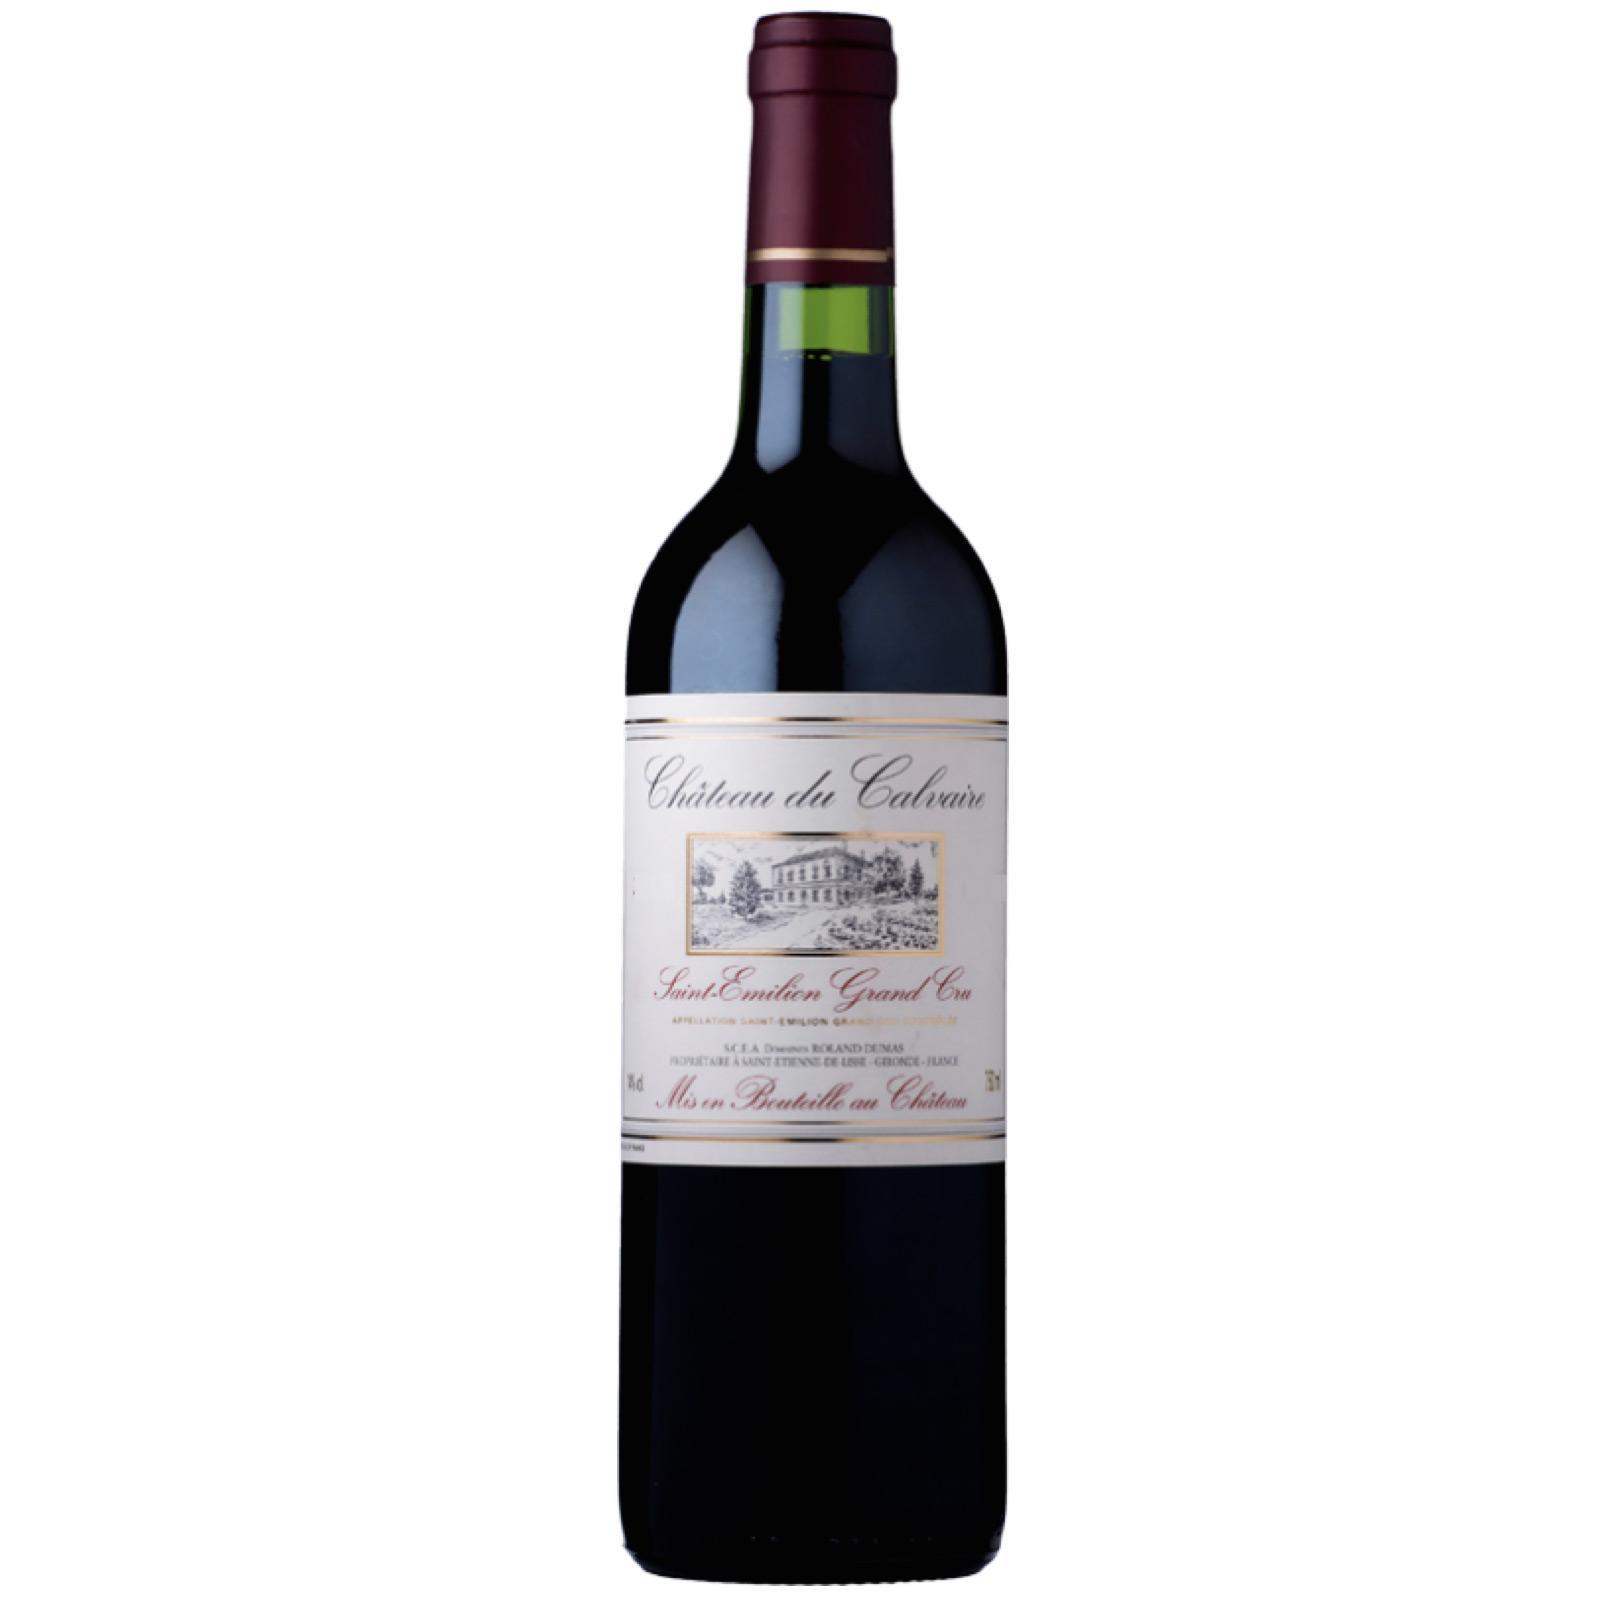 Chateau du Calvaire Saint Emilion Grand Cru Bordeaux Red Wine